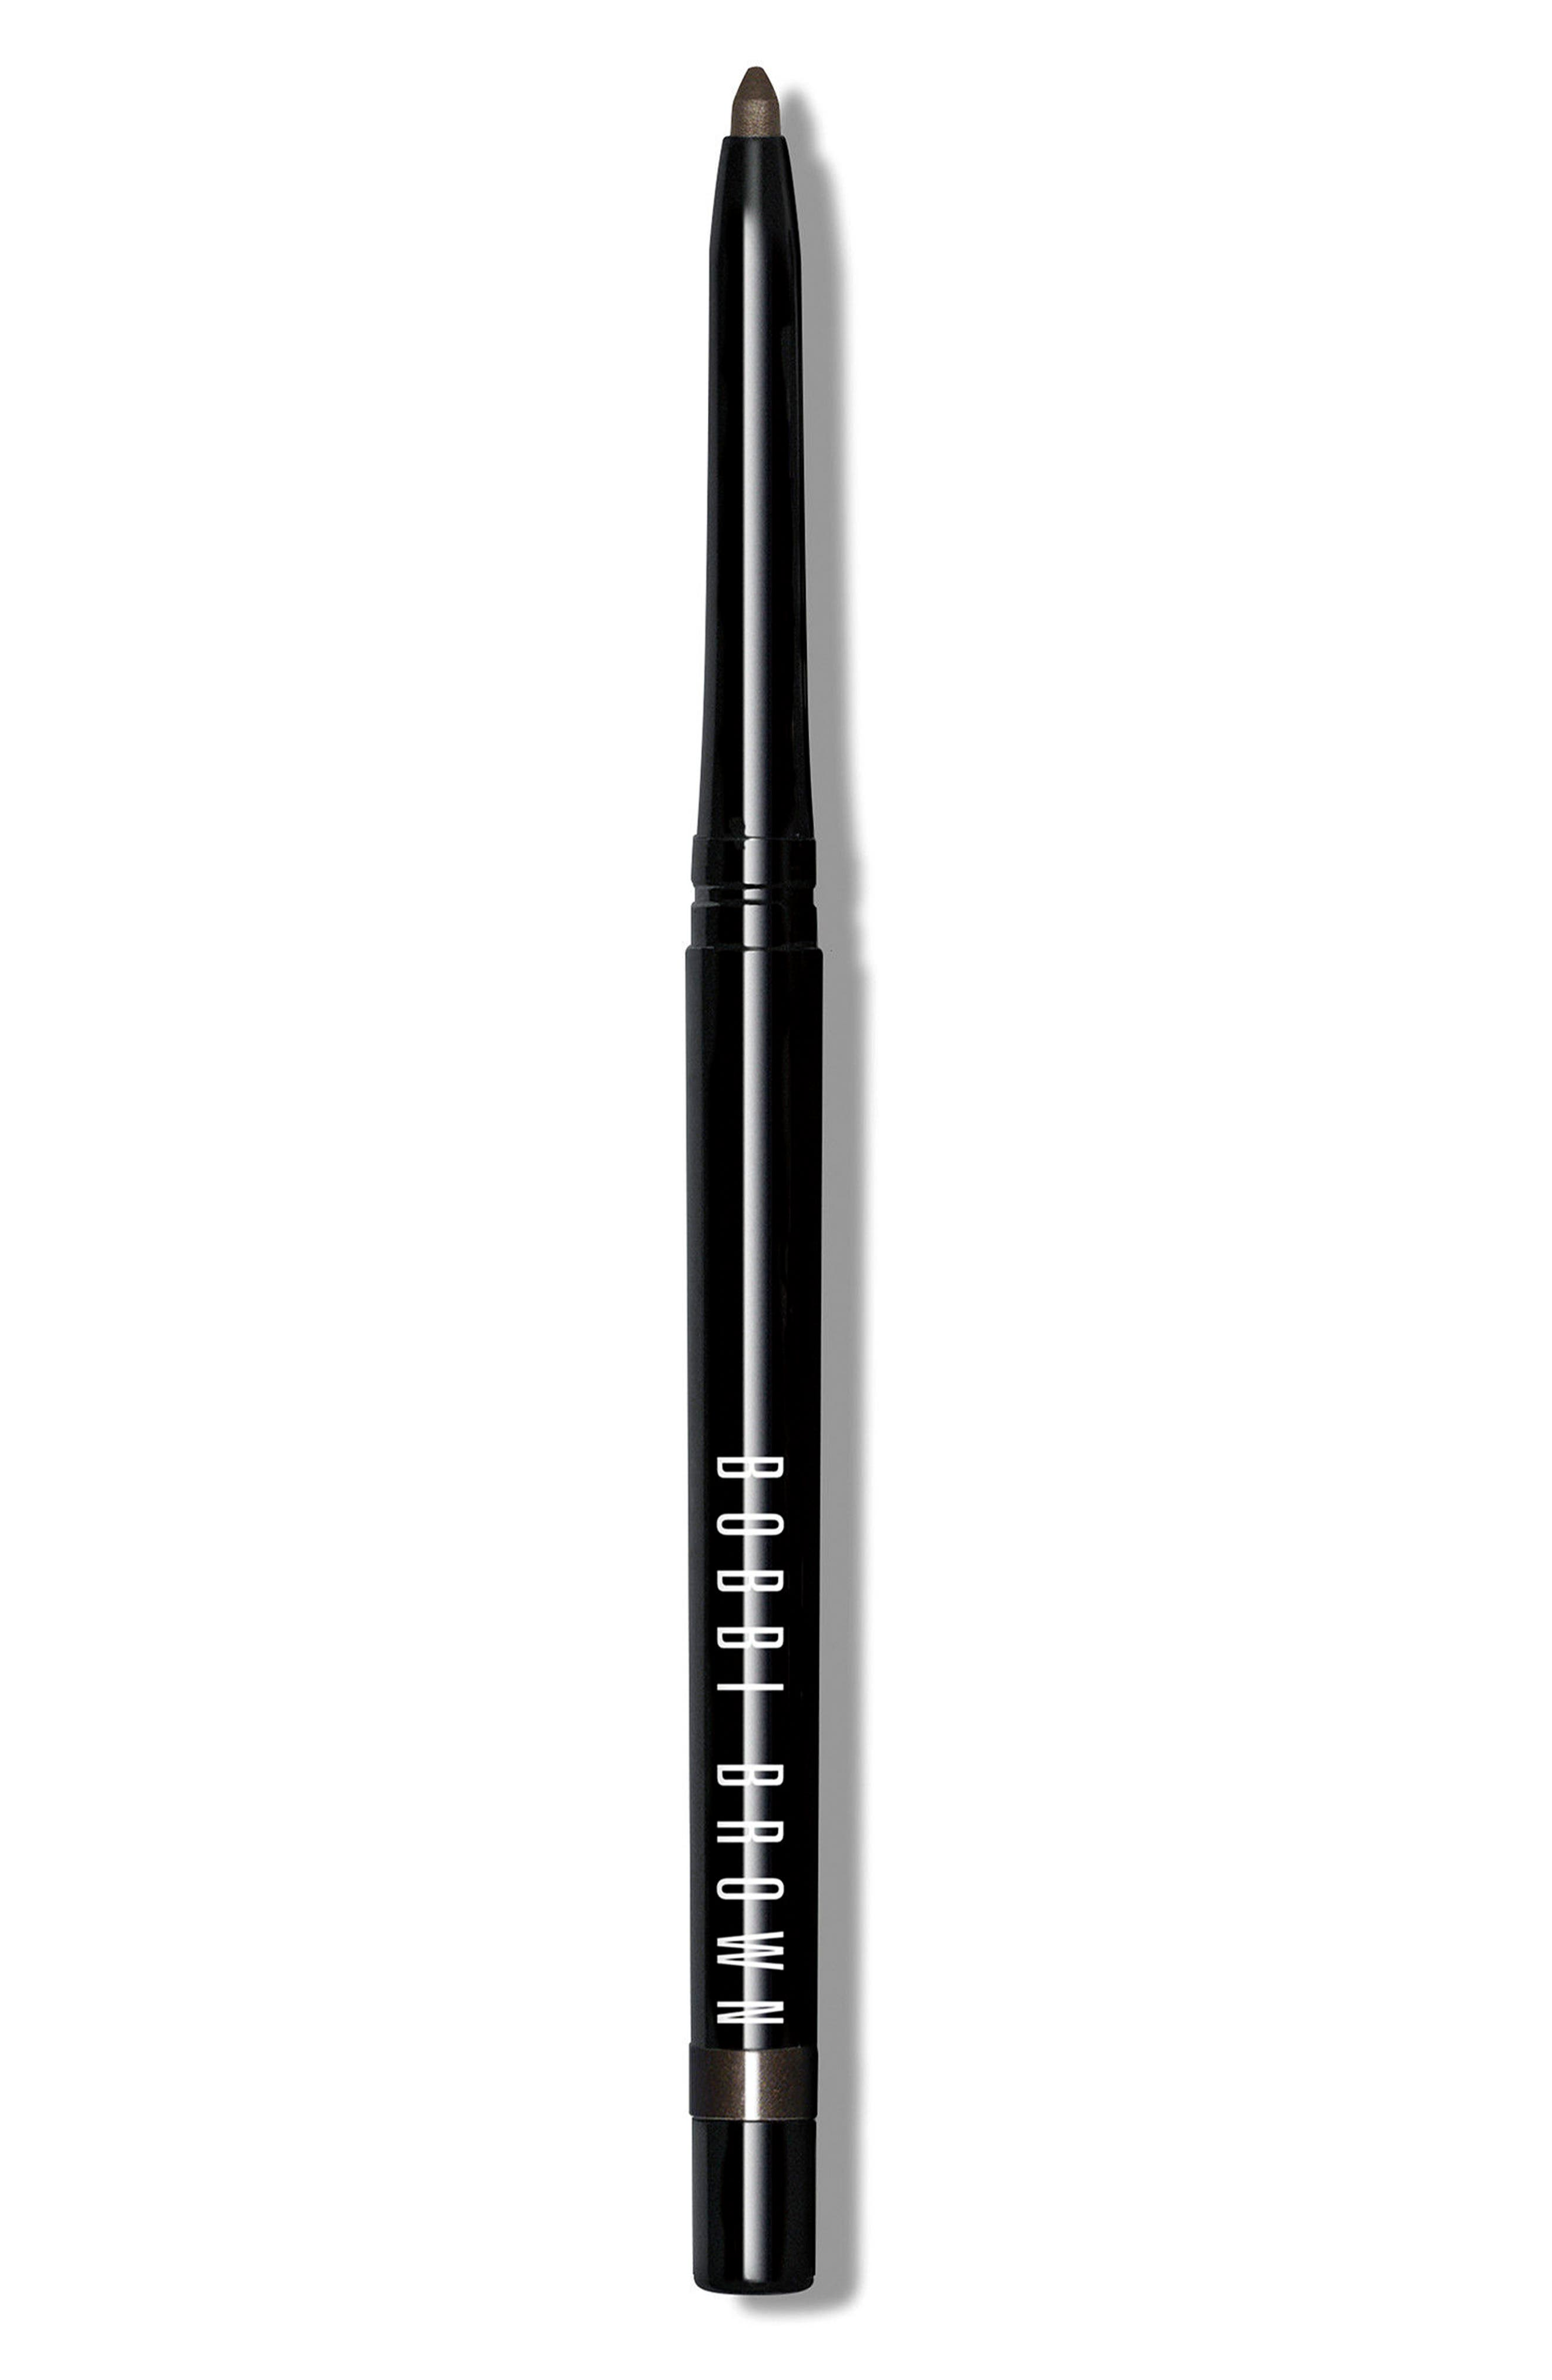 Bobbi Brown Perfectly Defined Gel Eyeliner -